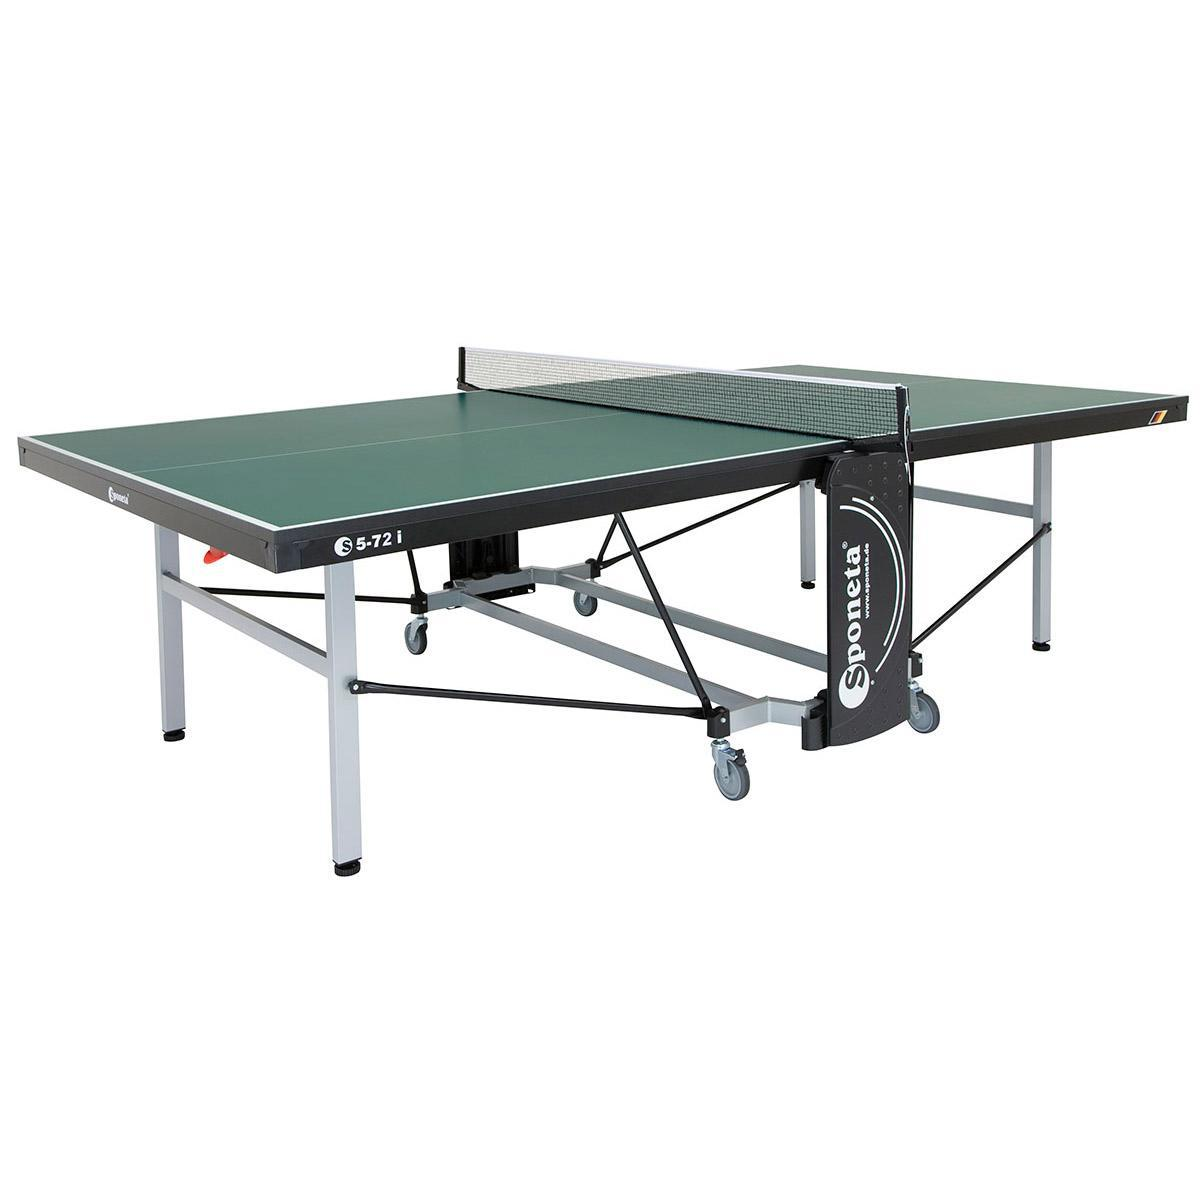 Sponeta schooline compact 22mm indoor table tennis table green - Sponeta table tennis table ...